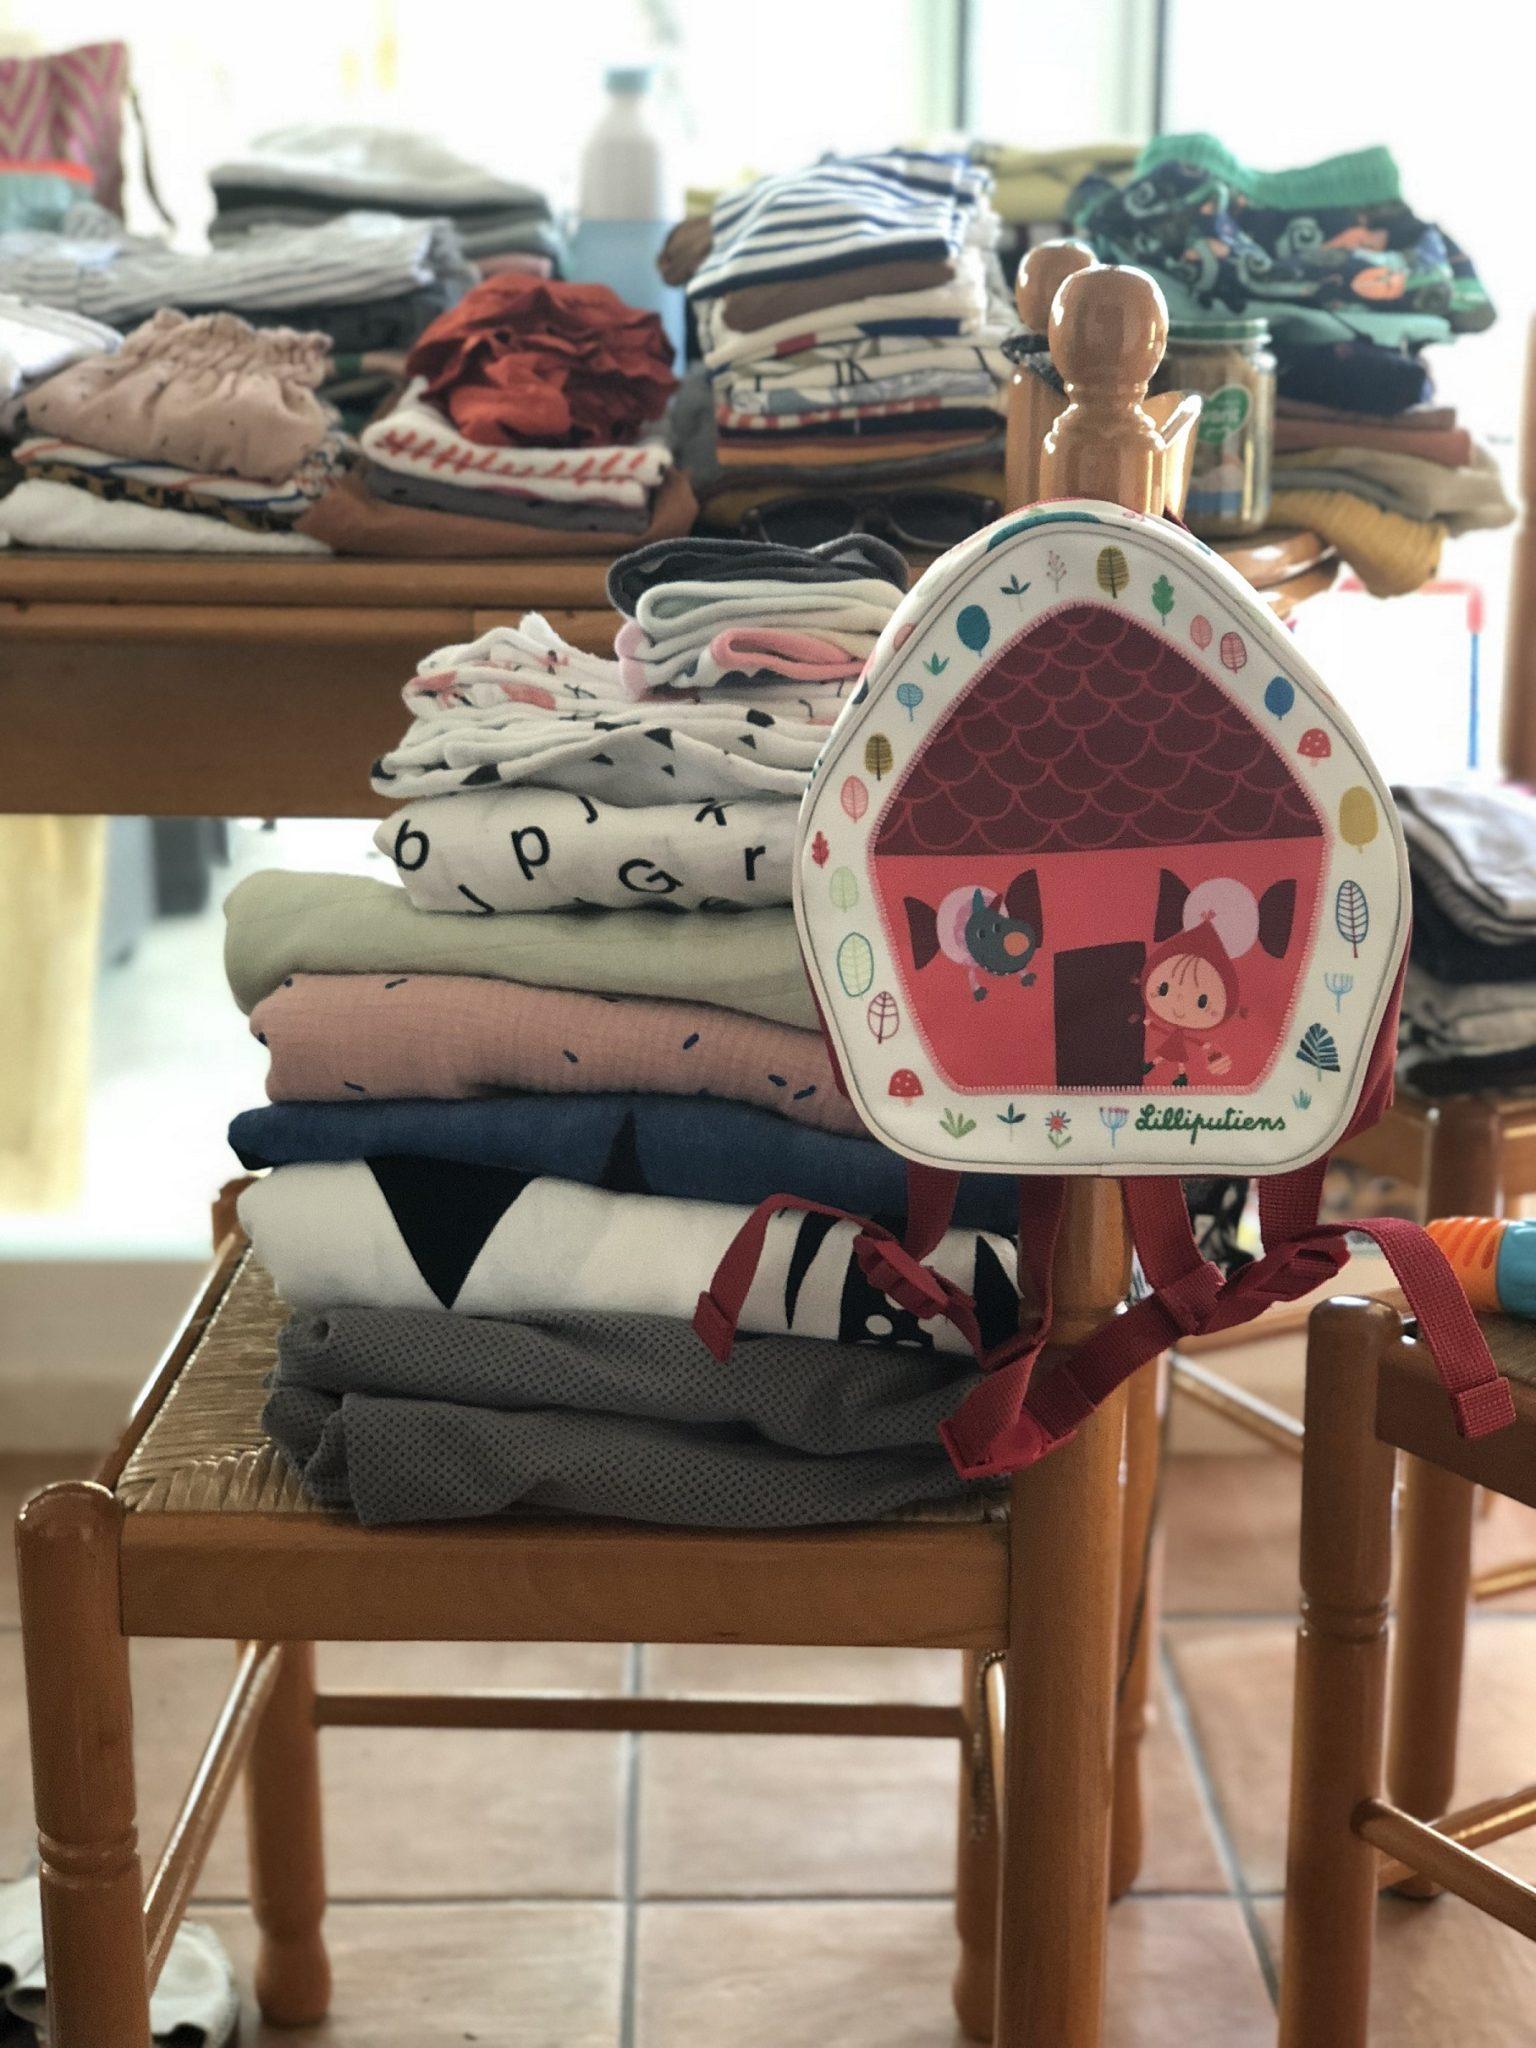 zwemspullen inpakken vakantie inpaklijst gezin peuter baby